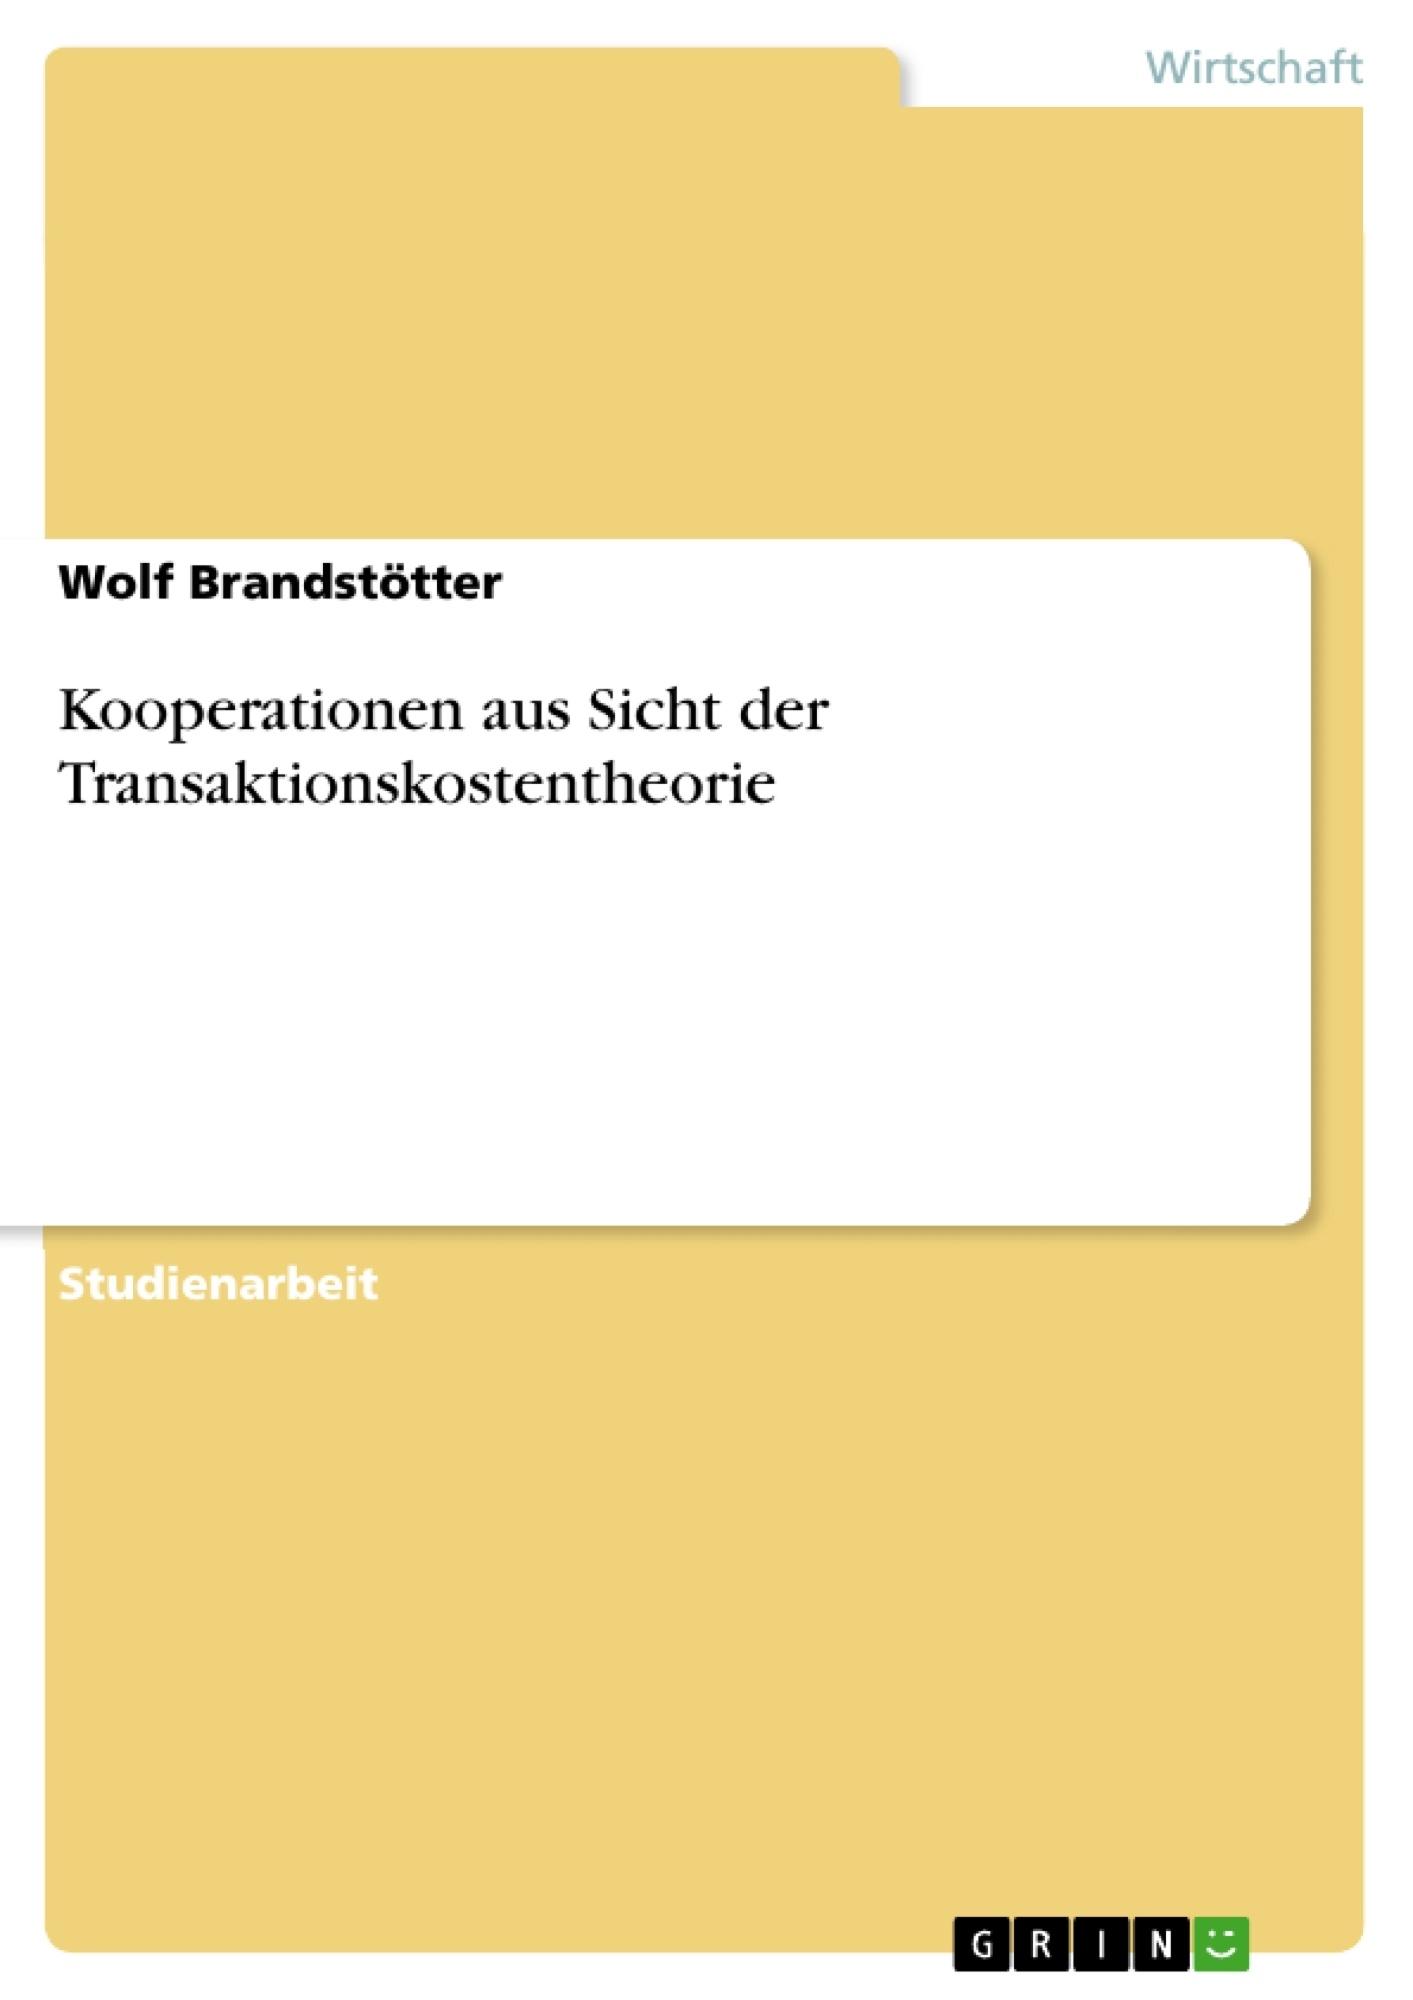 Titel: Kooperationen aus Sicht der Transaktionskostentheorie